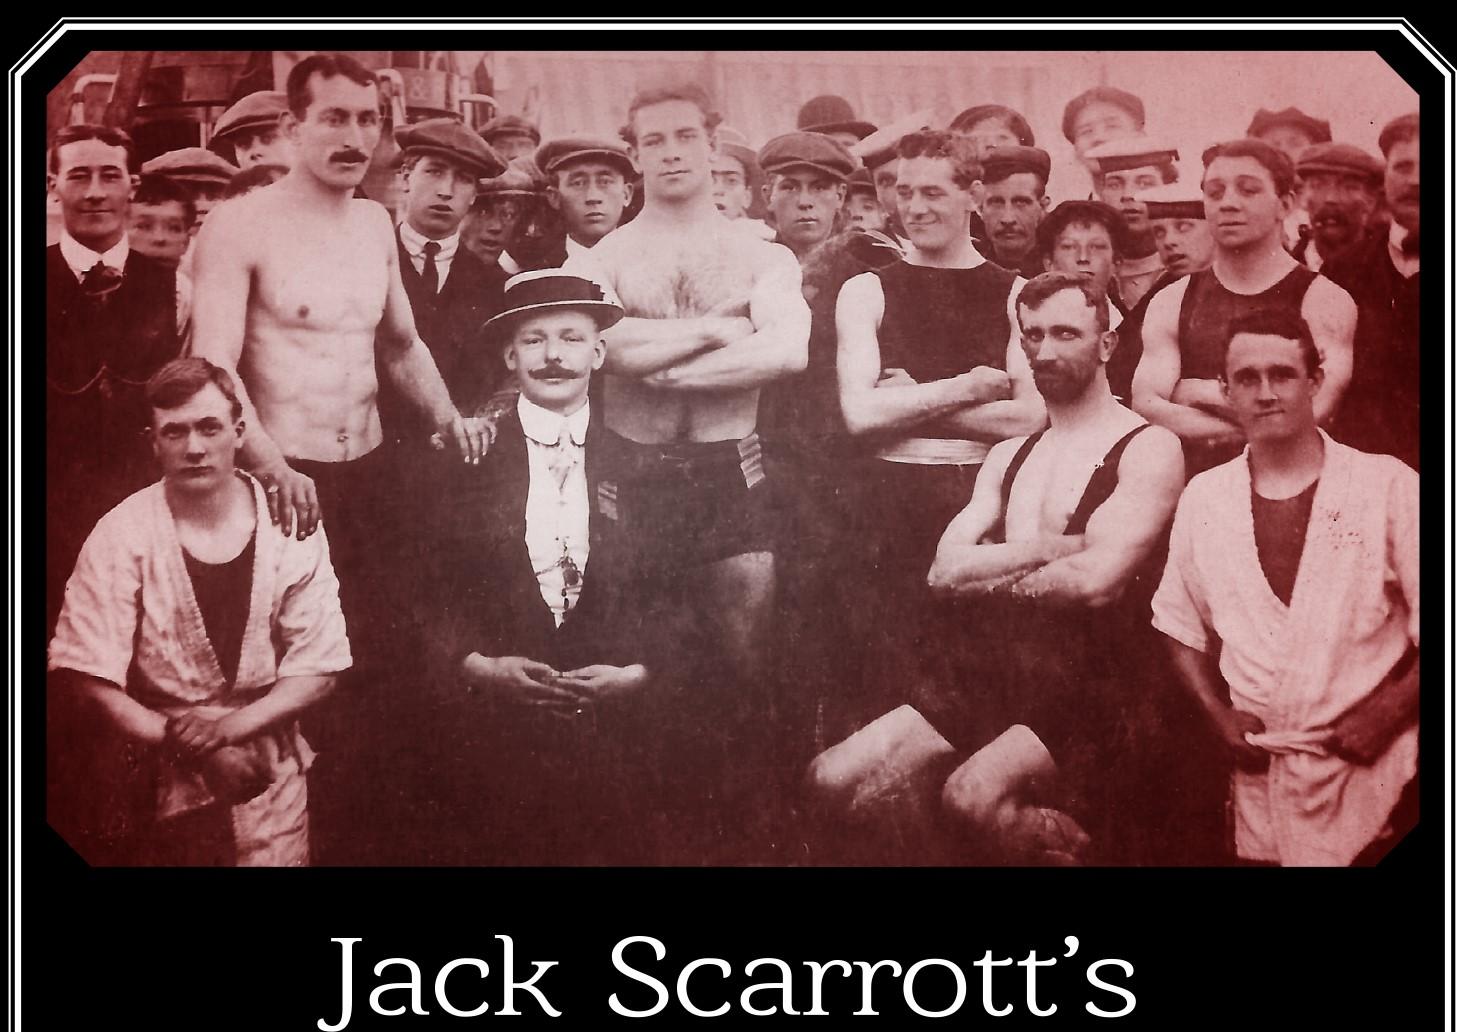 Jack Scarrott